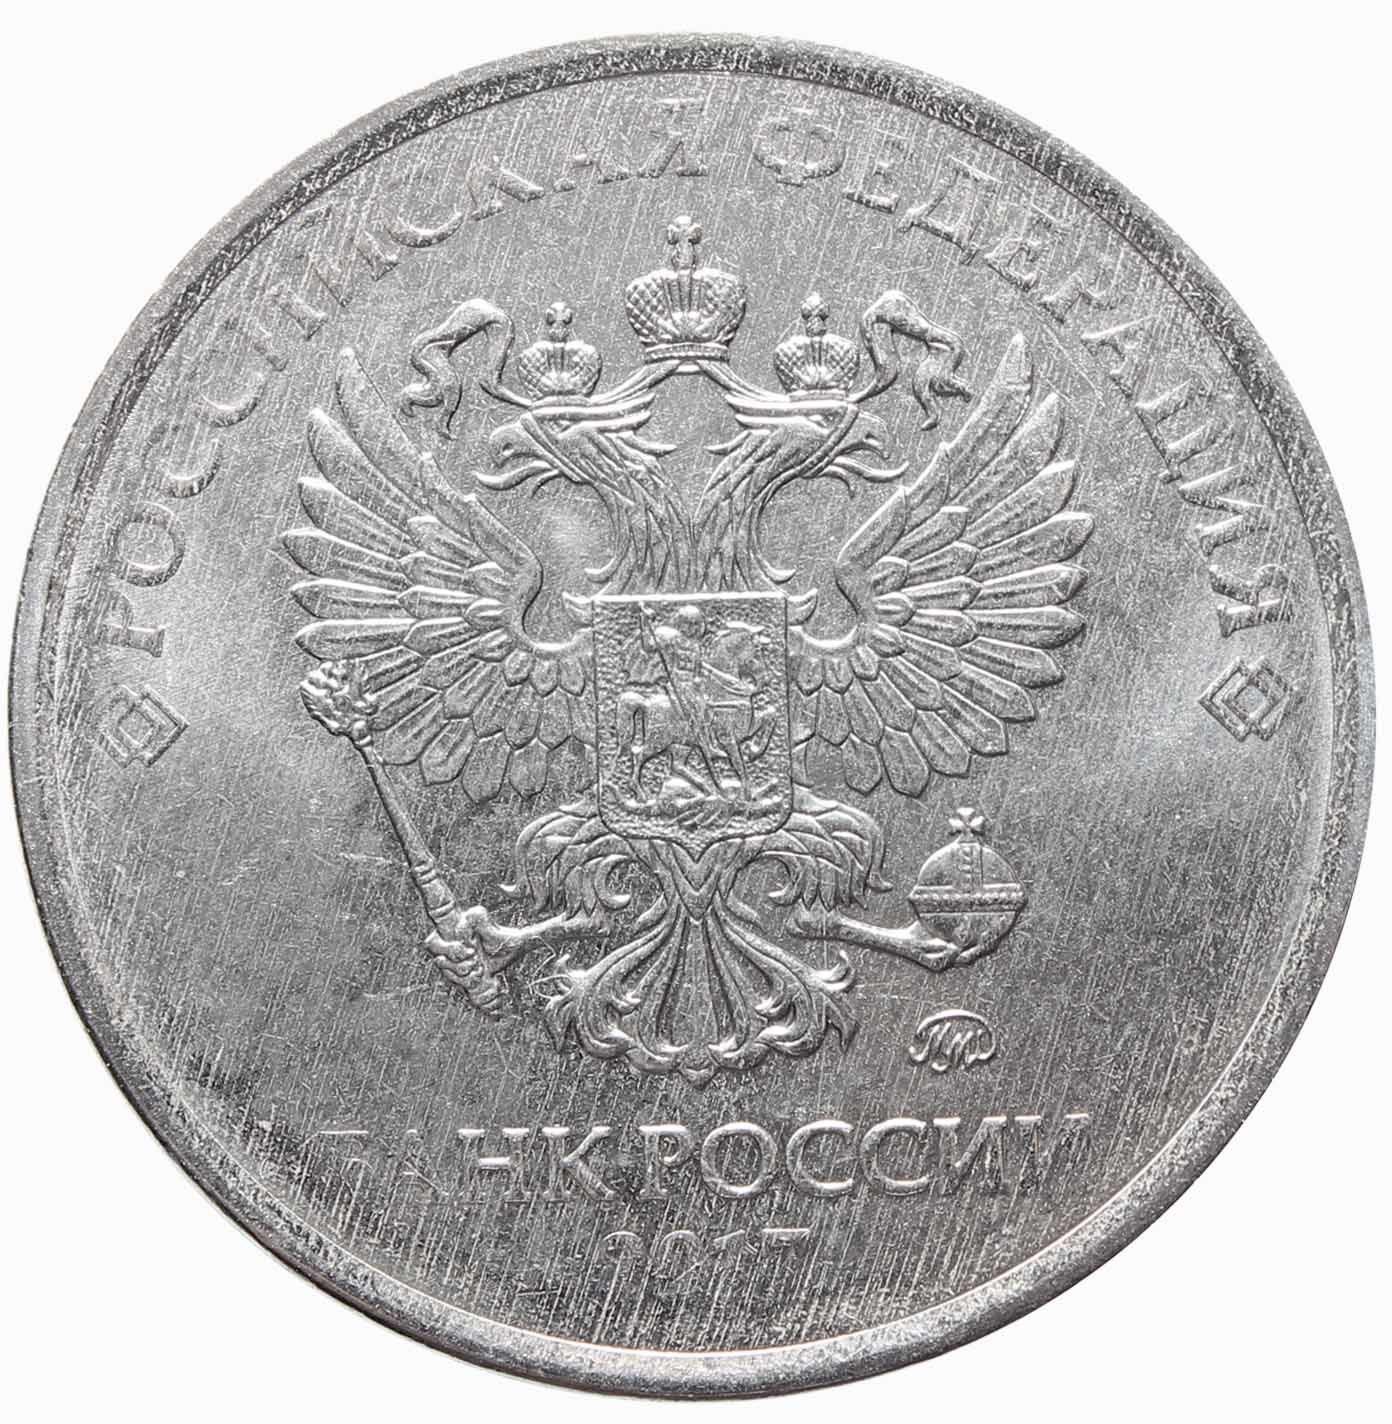 Брак 5 рублей 2017 год аверс/ аверс